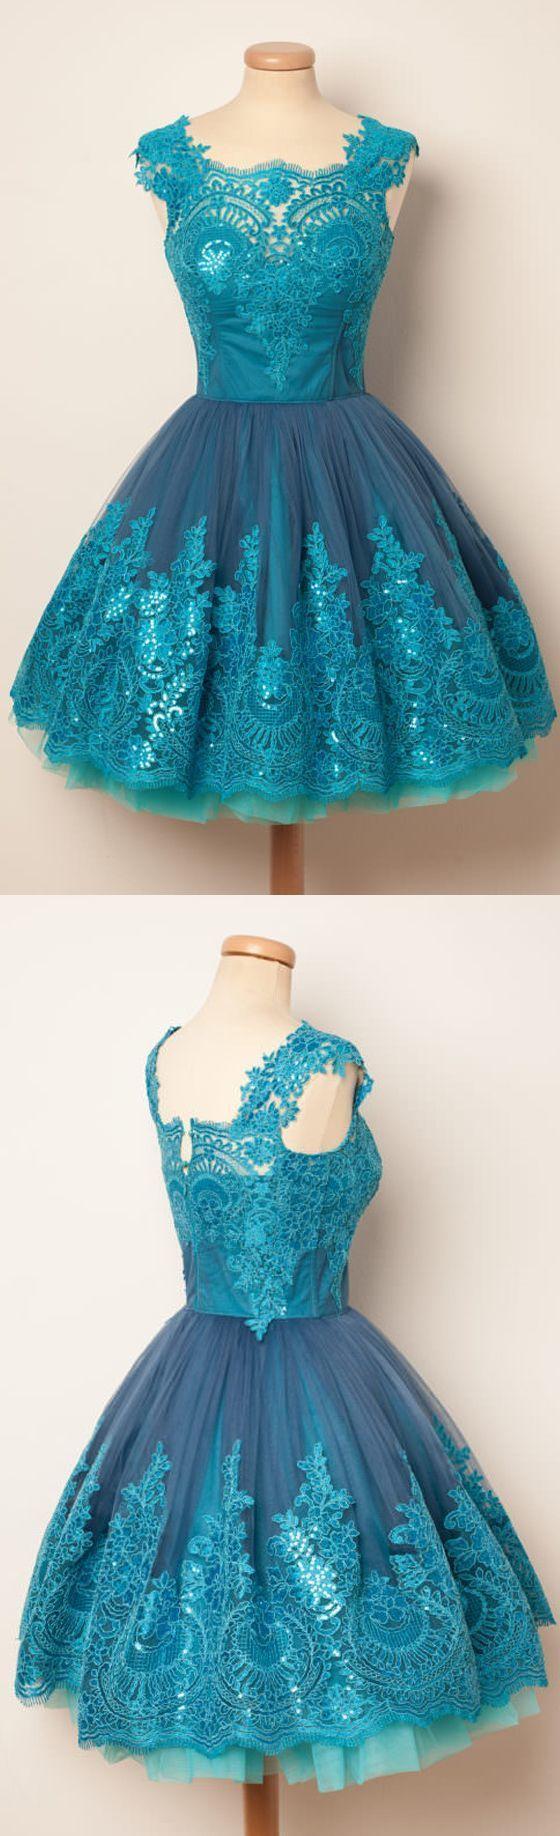 vintage homecoming dress,short homecoming dress BD2140